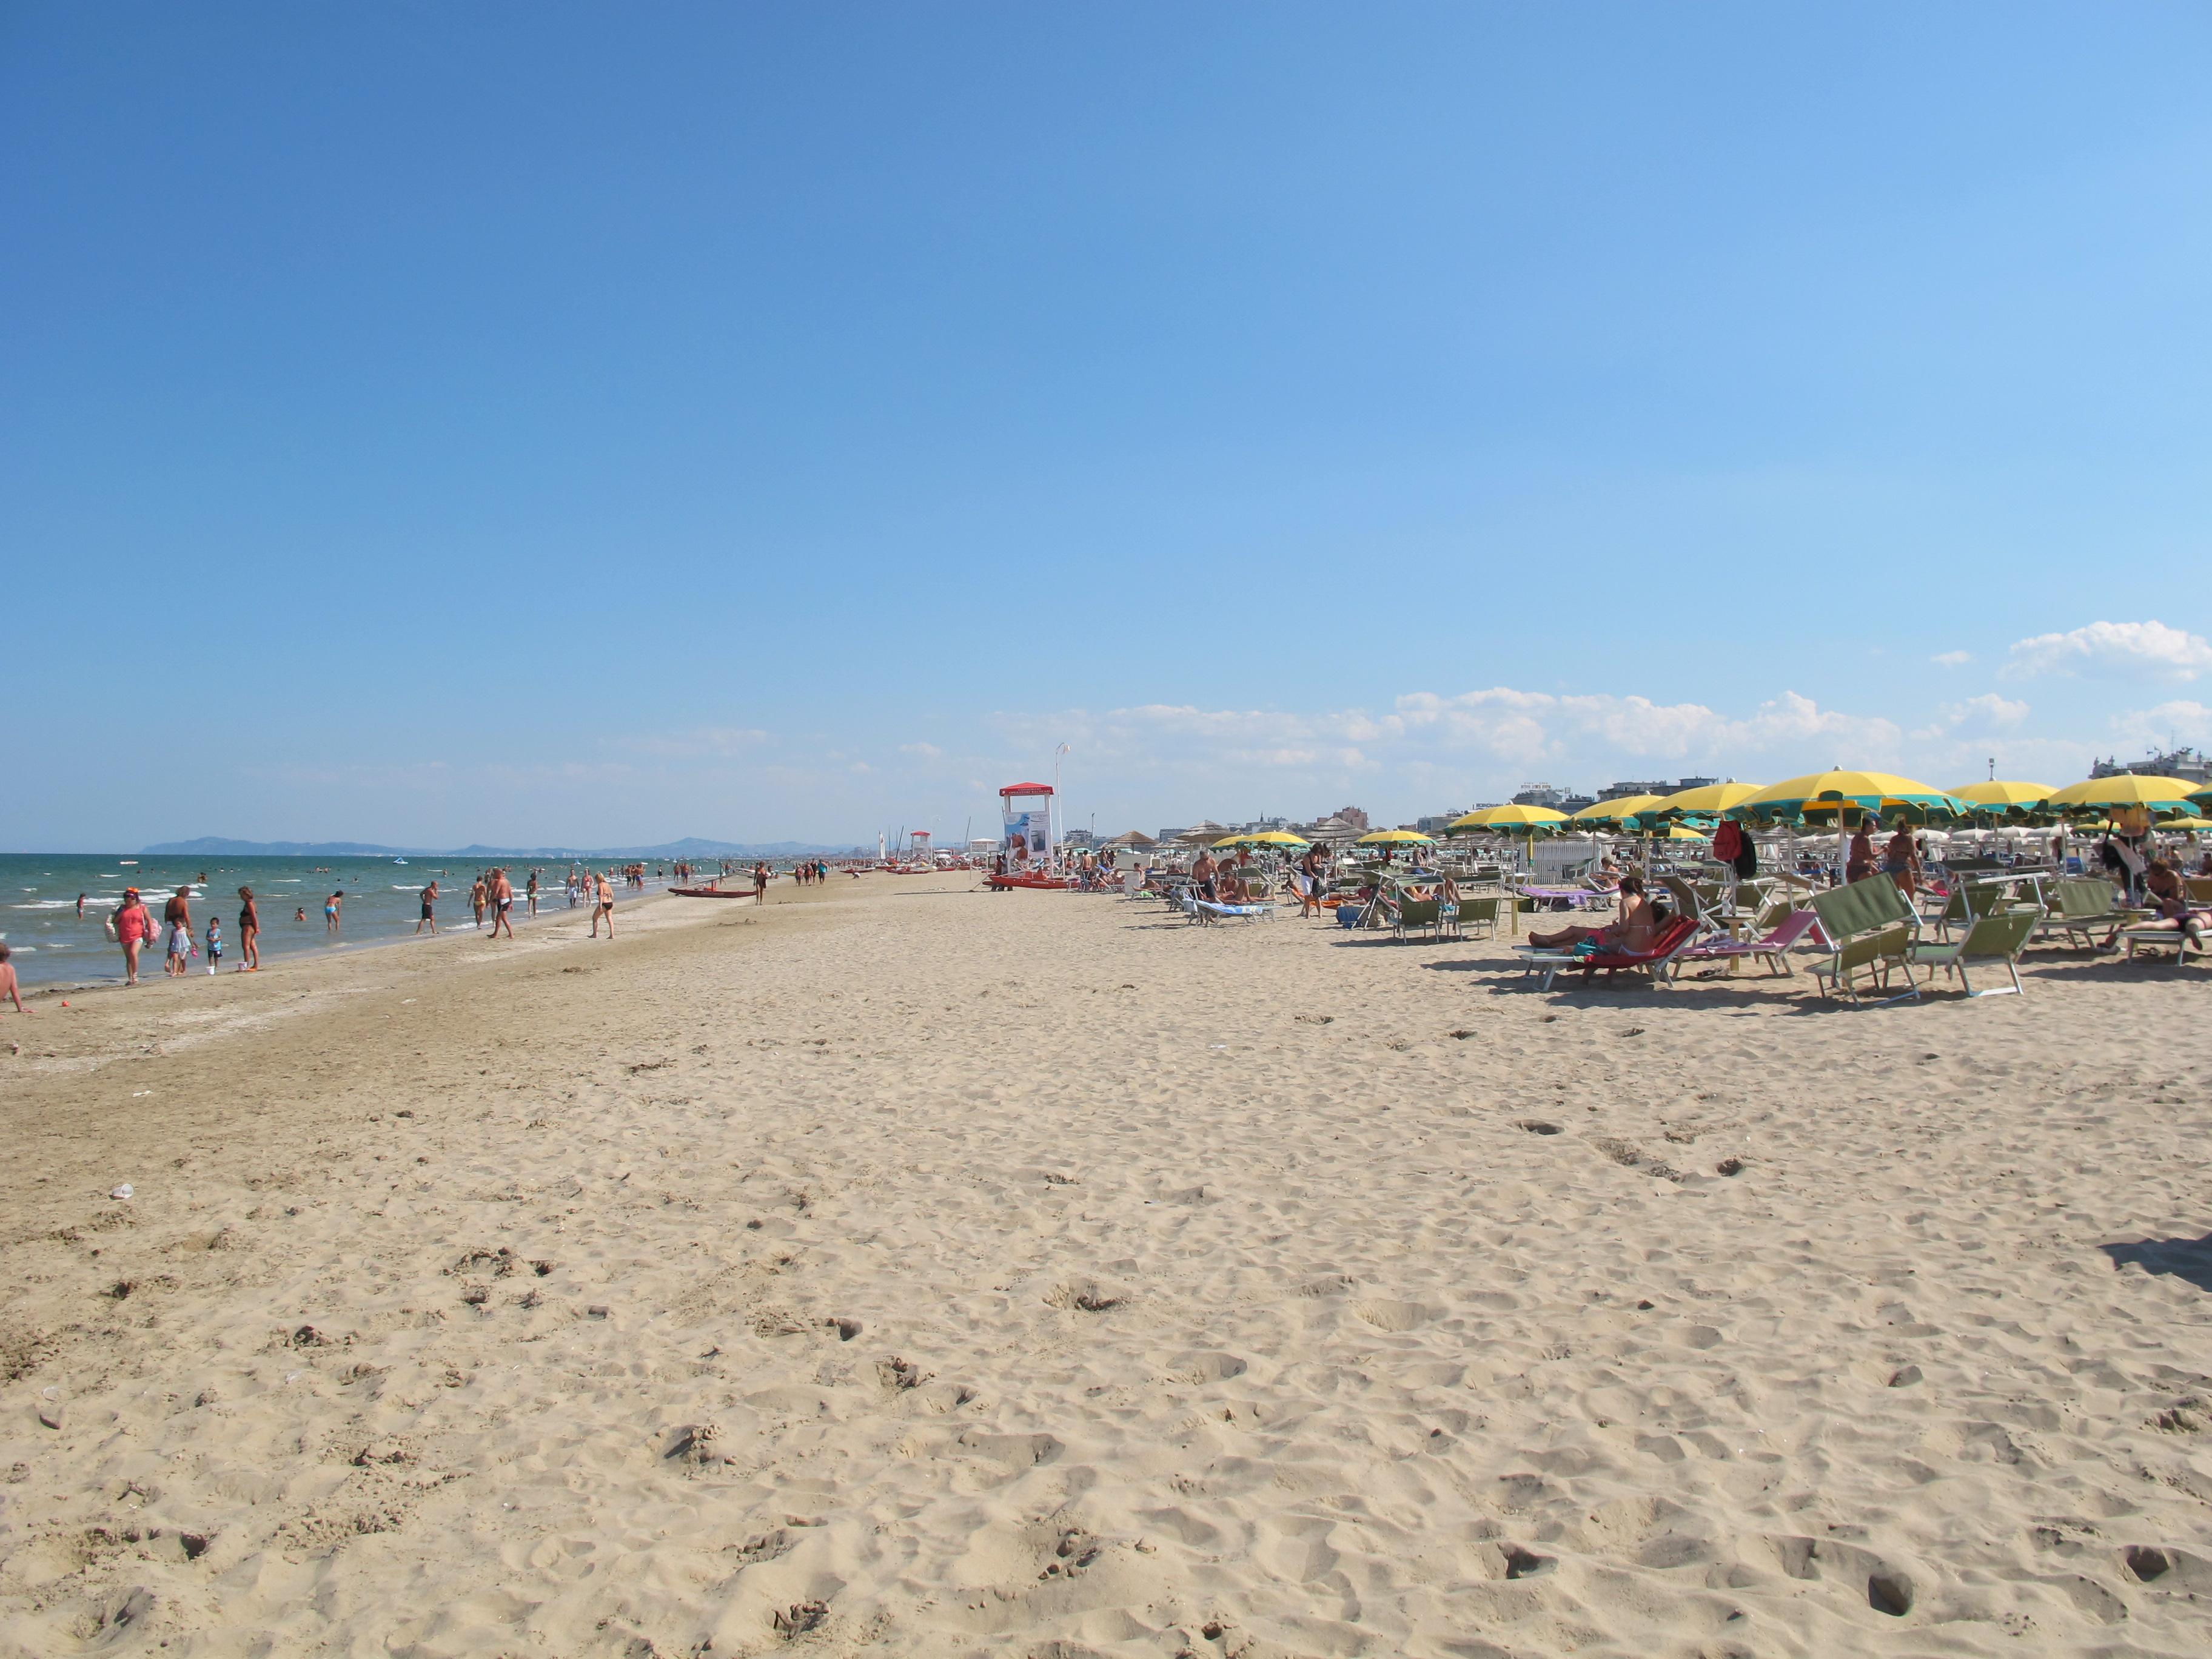 Matrimonio Spiaggia Riviera Romagnola : Romagna spiagge e locali gay friendly visit italy